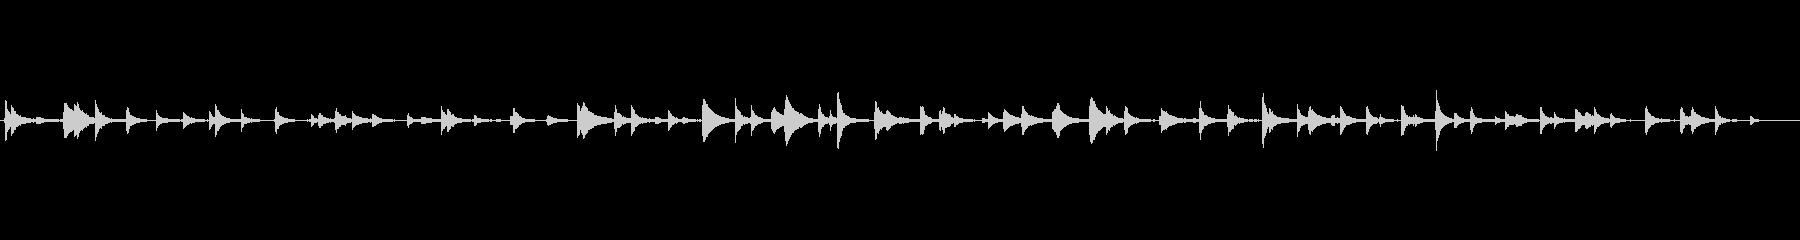 和風サウンド-水琴窟の未再生の波形